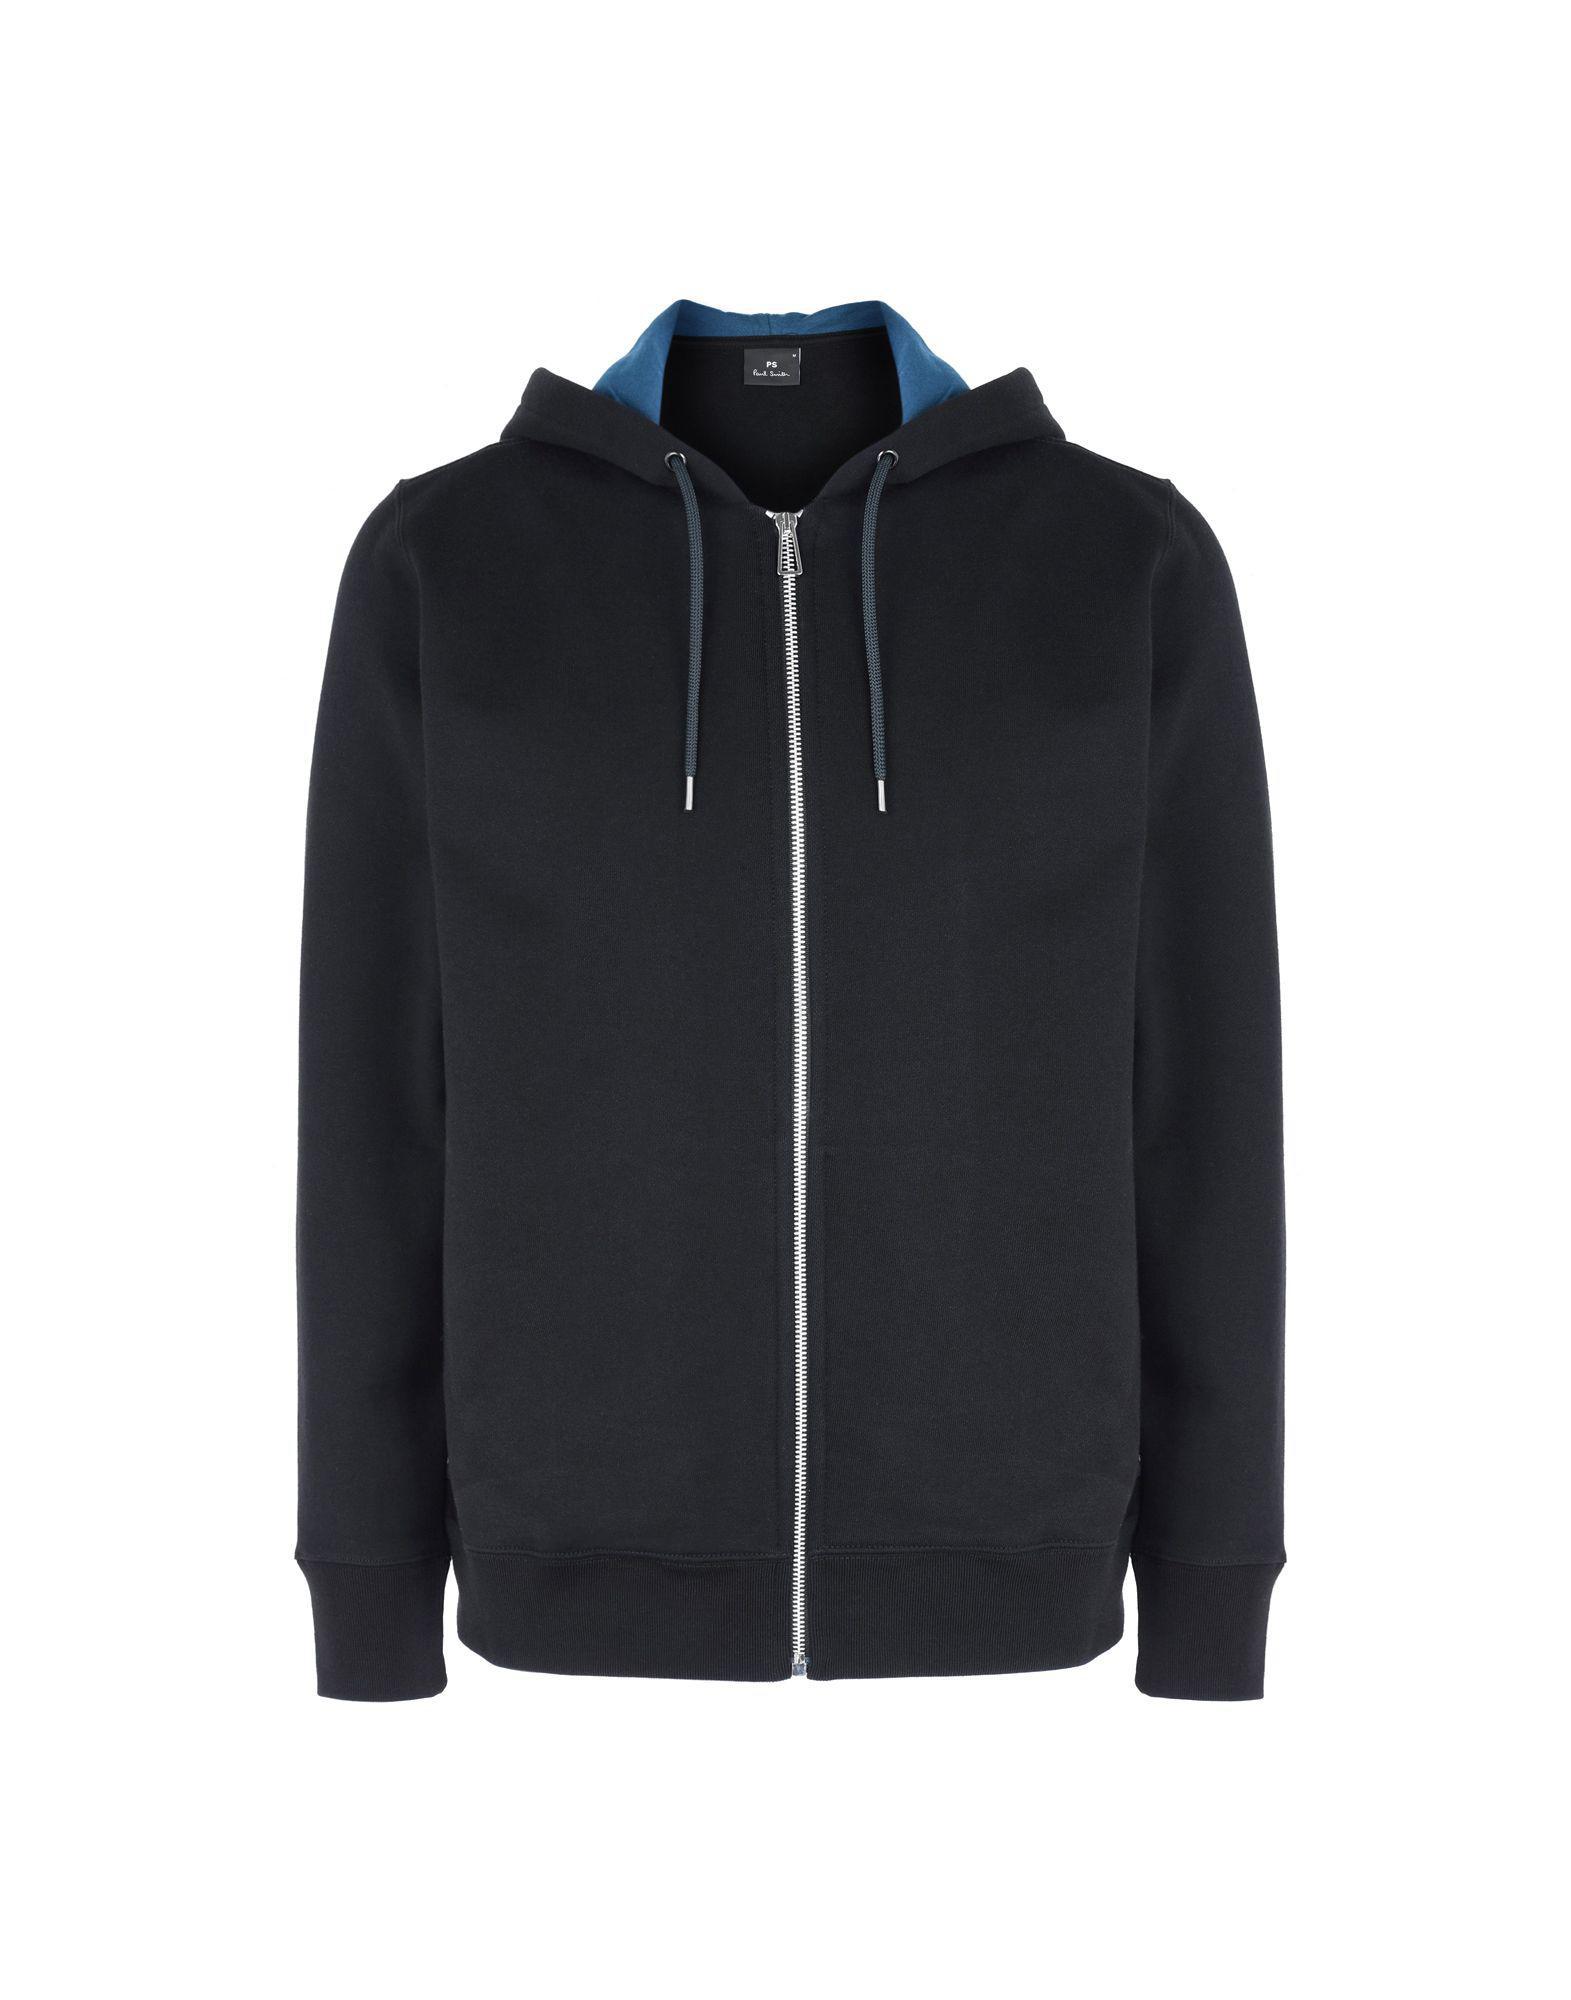 e13651e676b6b PS by Paul Smith Sweatshirt in Black for Men - Lyst